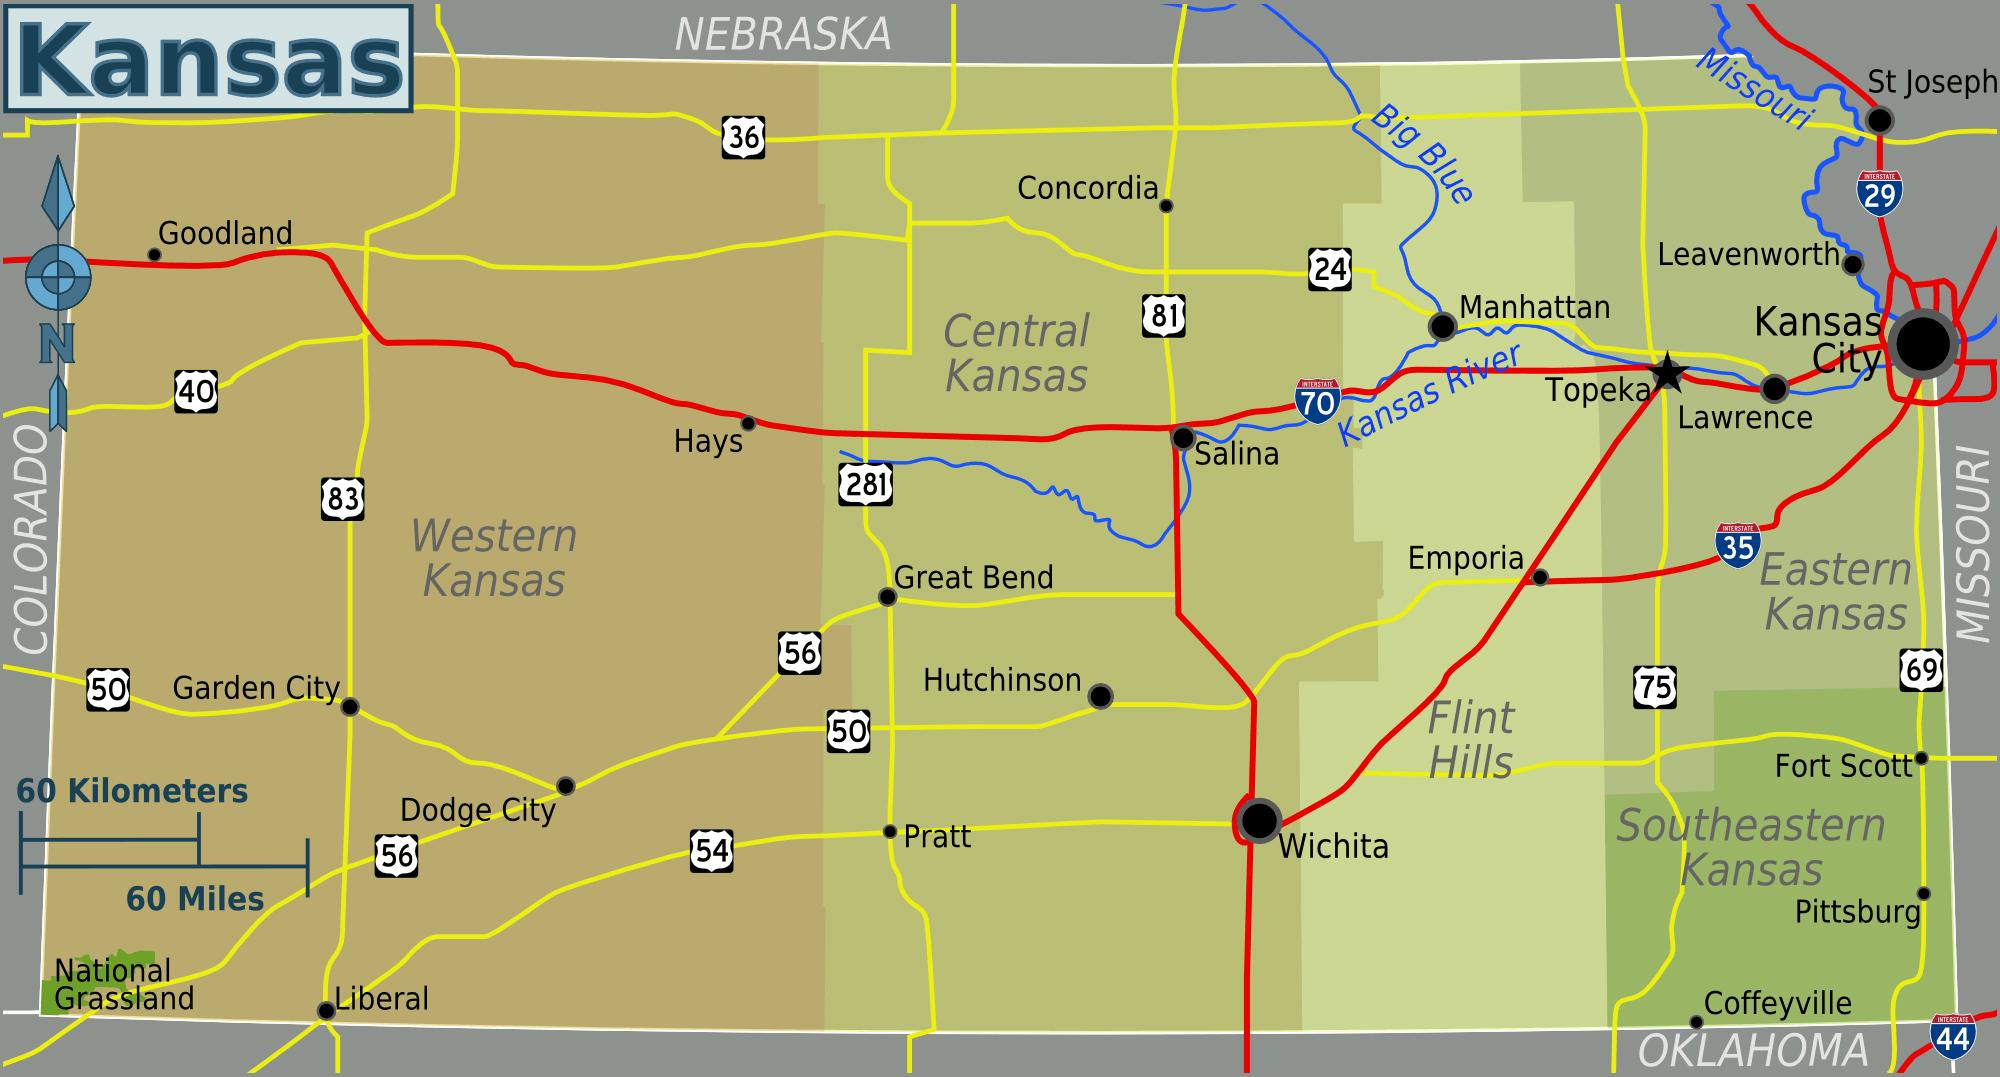 Large Regions Map Of Kansas State Kansas State USA Maps Of - Usa map kansas